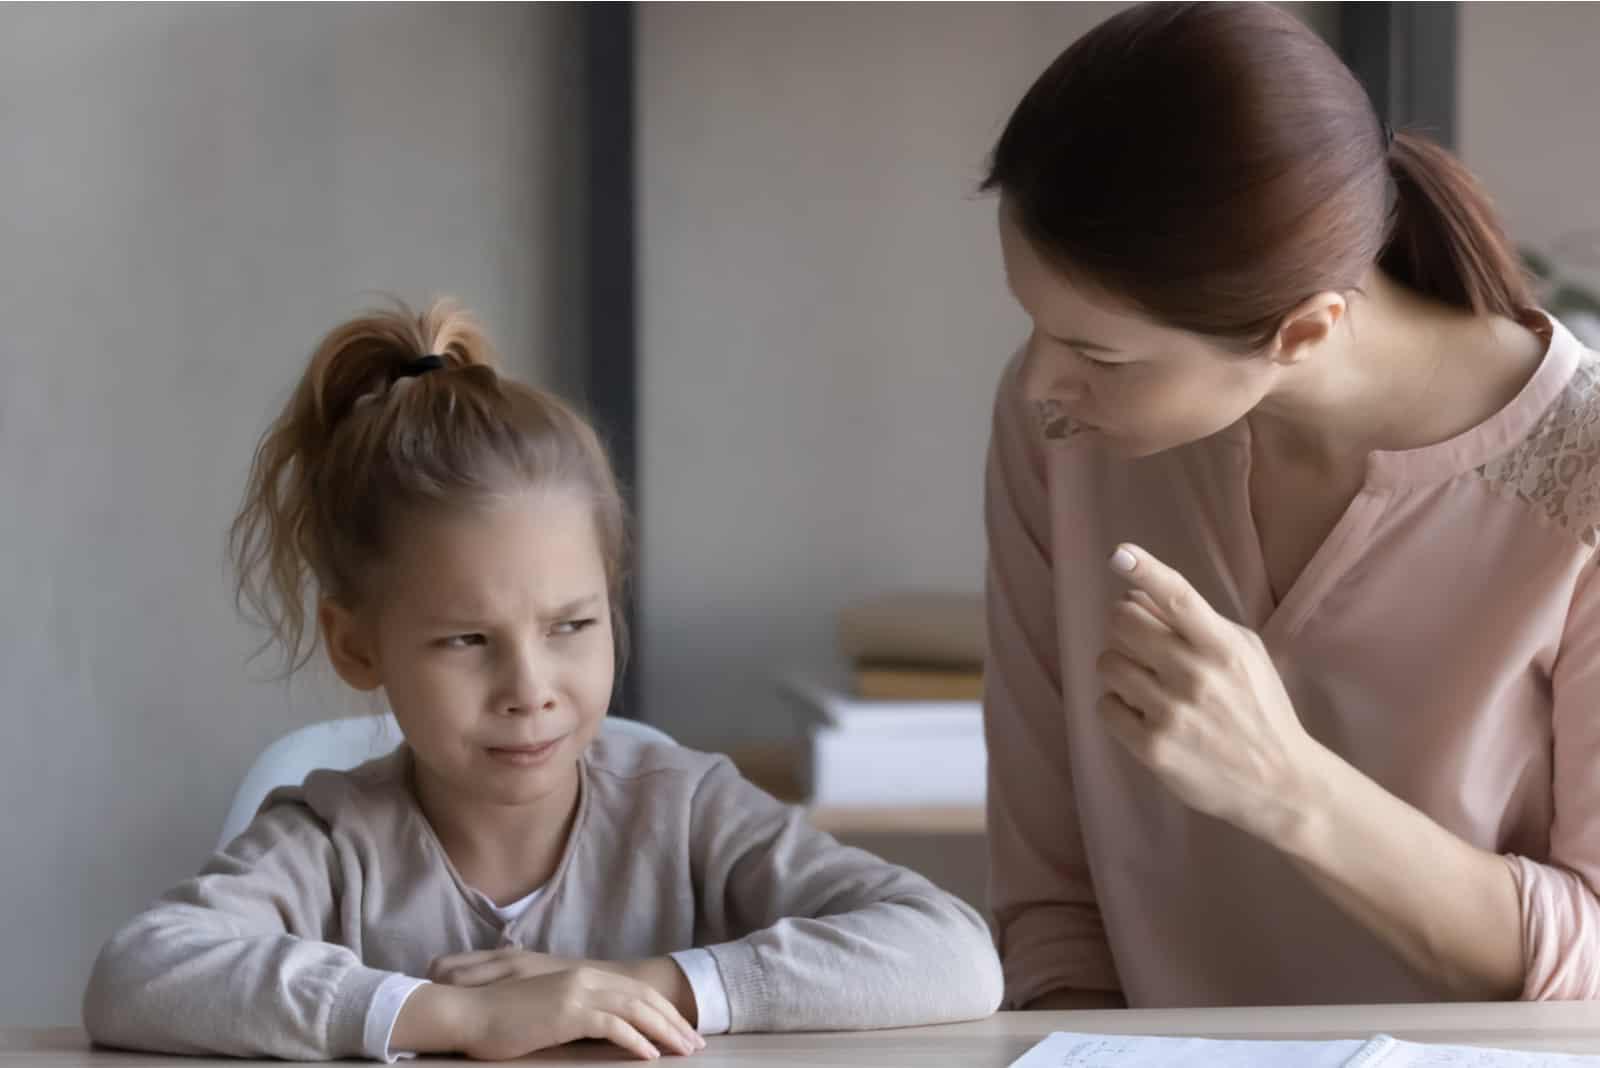 la mère crie à sa fille elle est en colère